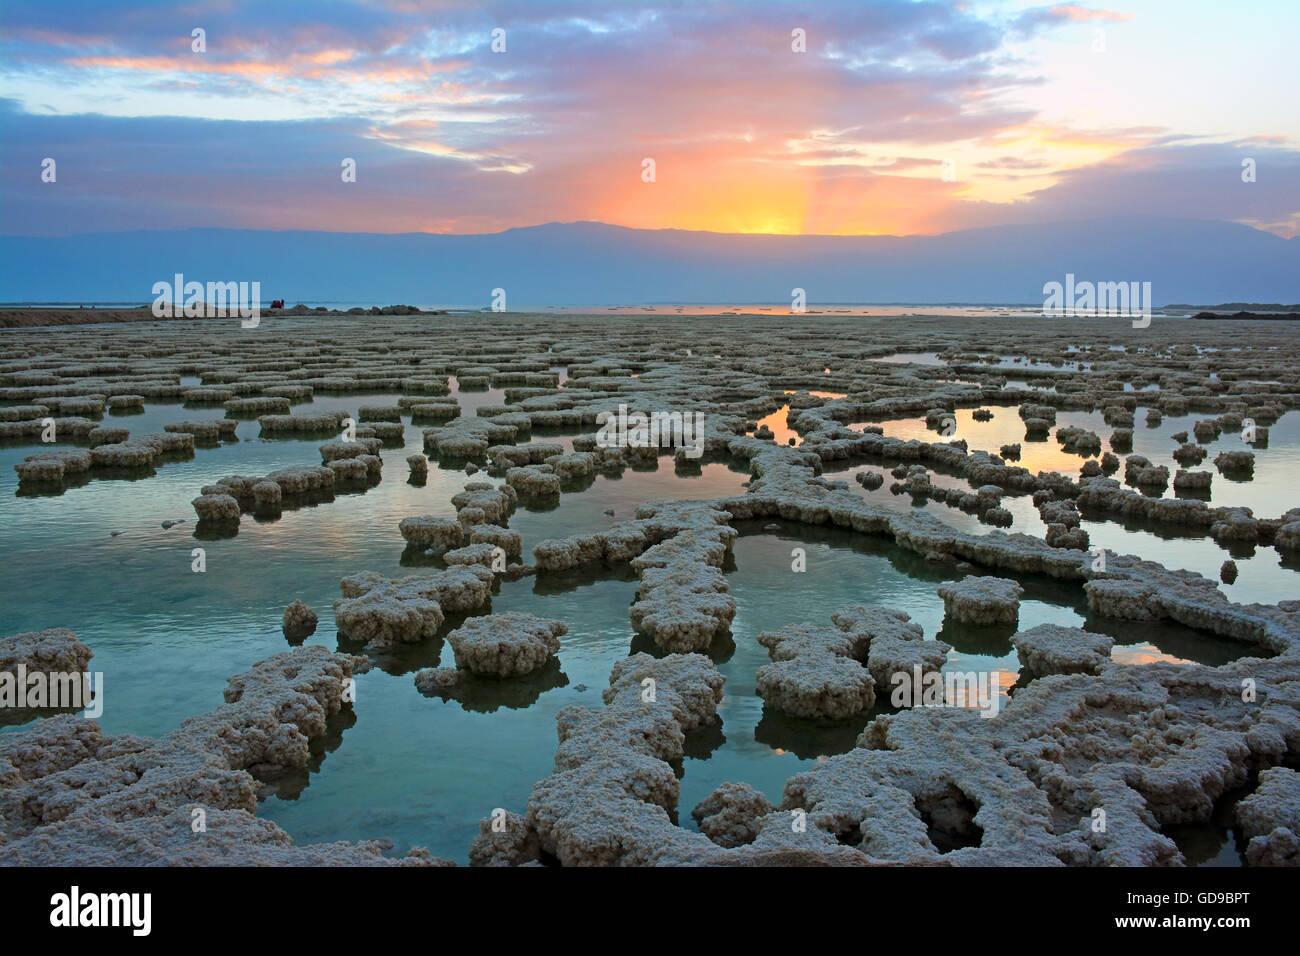 Amanecer sobre la formación de sales en el mar Muerto, Israel Imagen De Stock